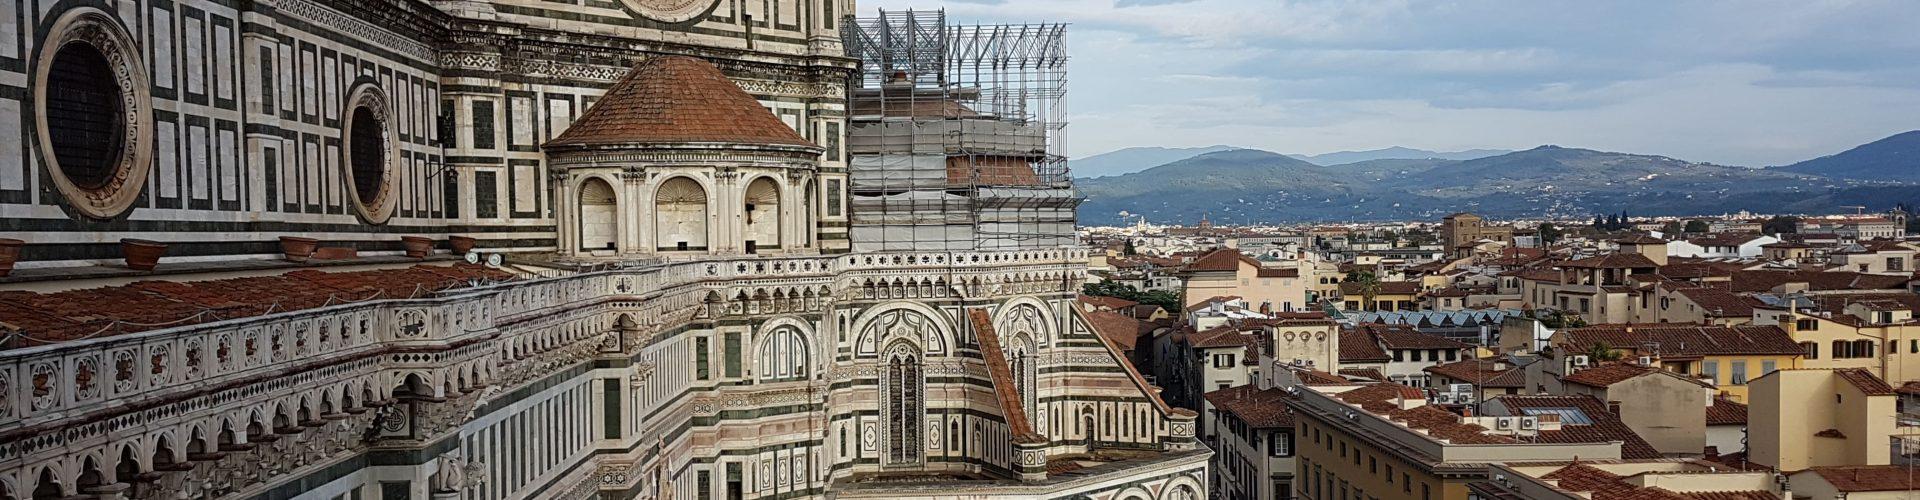 Firenze città d'arte Italiana cosa vedere in 2 giorni